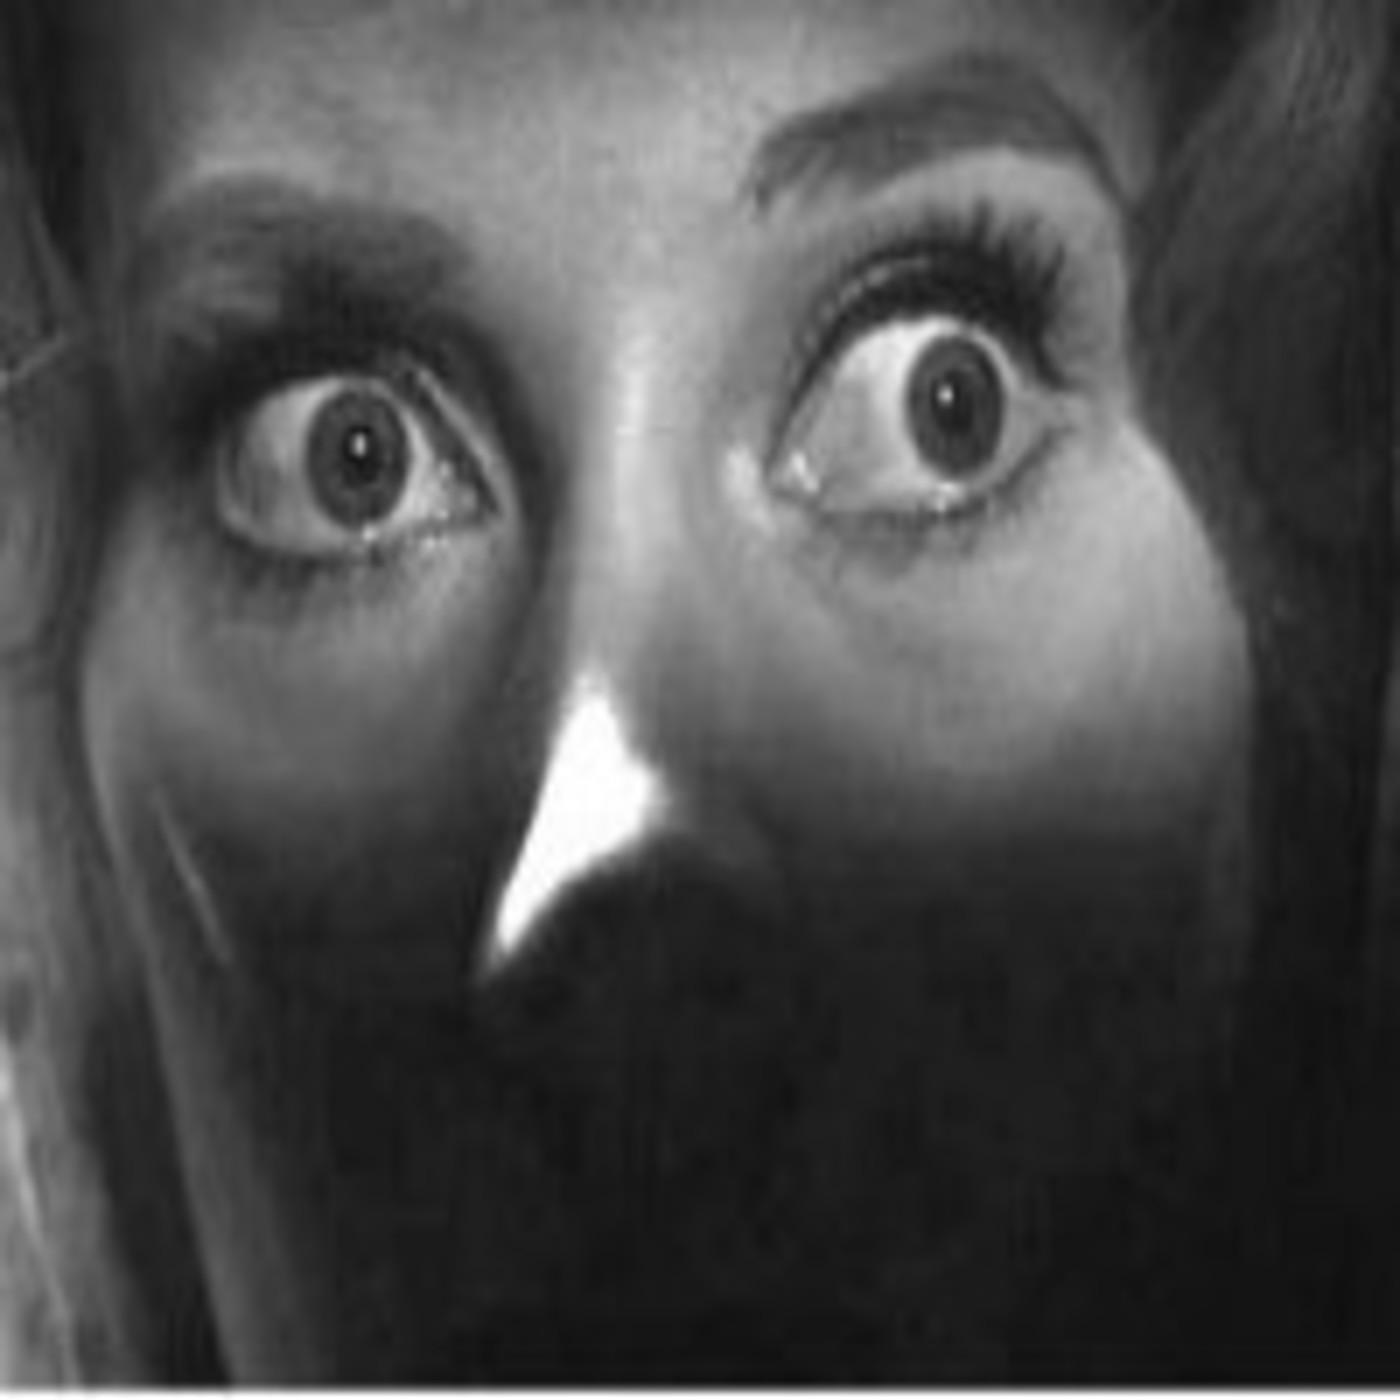 Historias De Terror 1 En Relatos De Terror Y Misterio En Mp33004 A